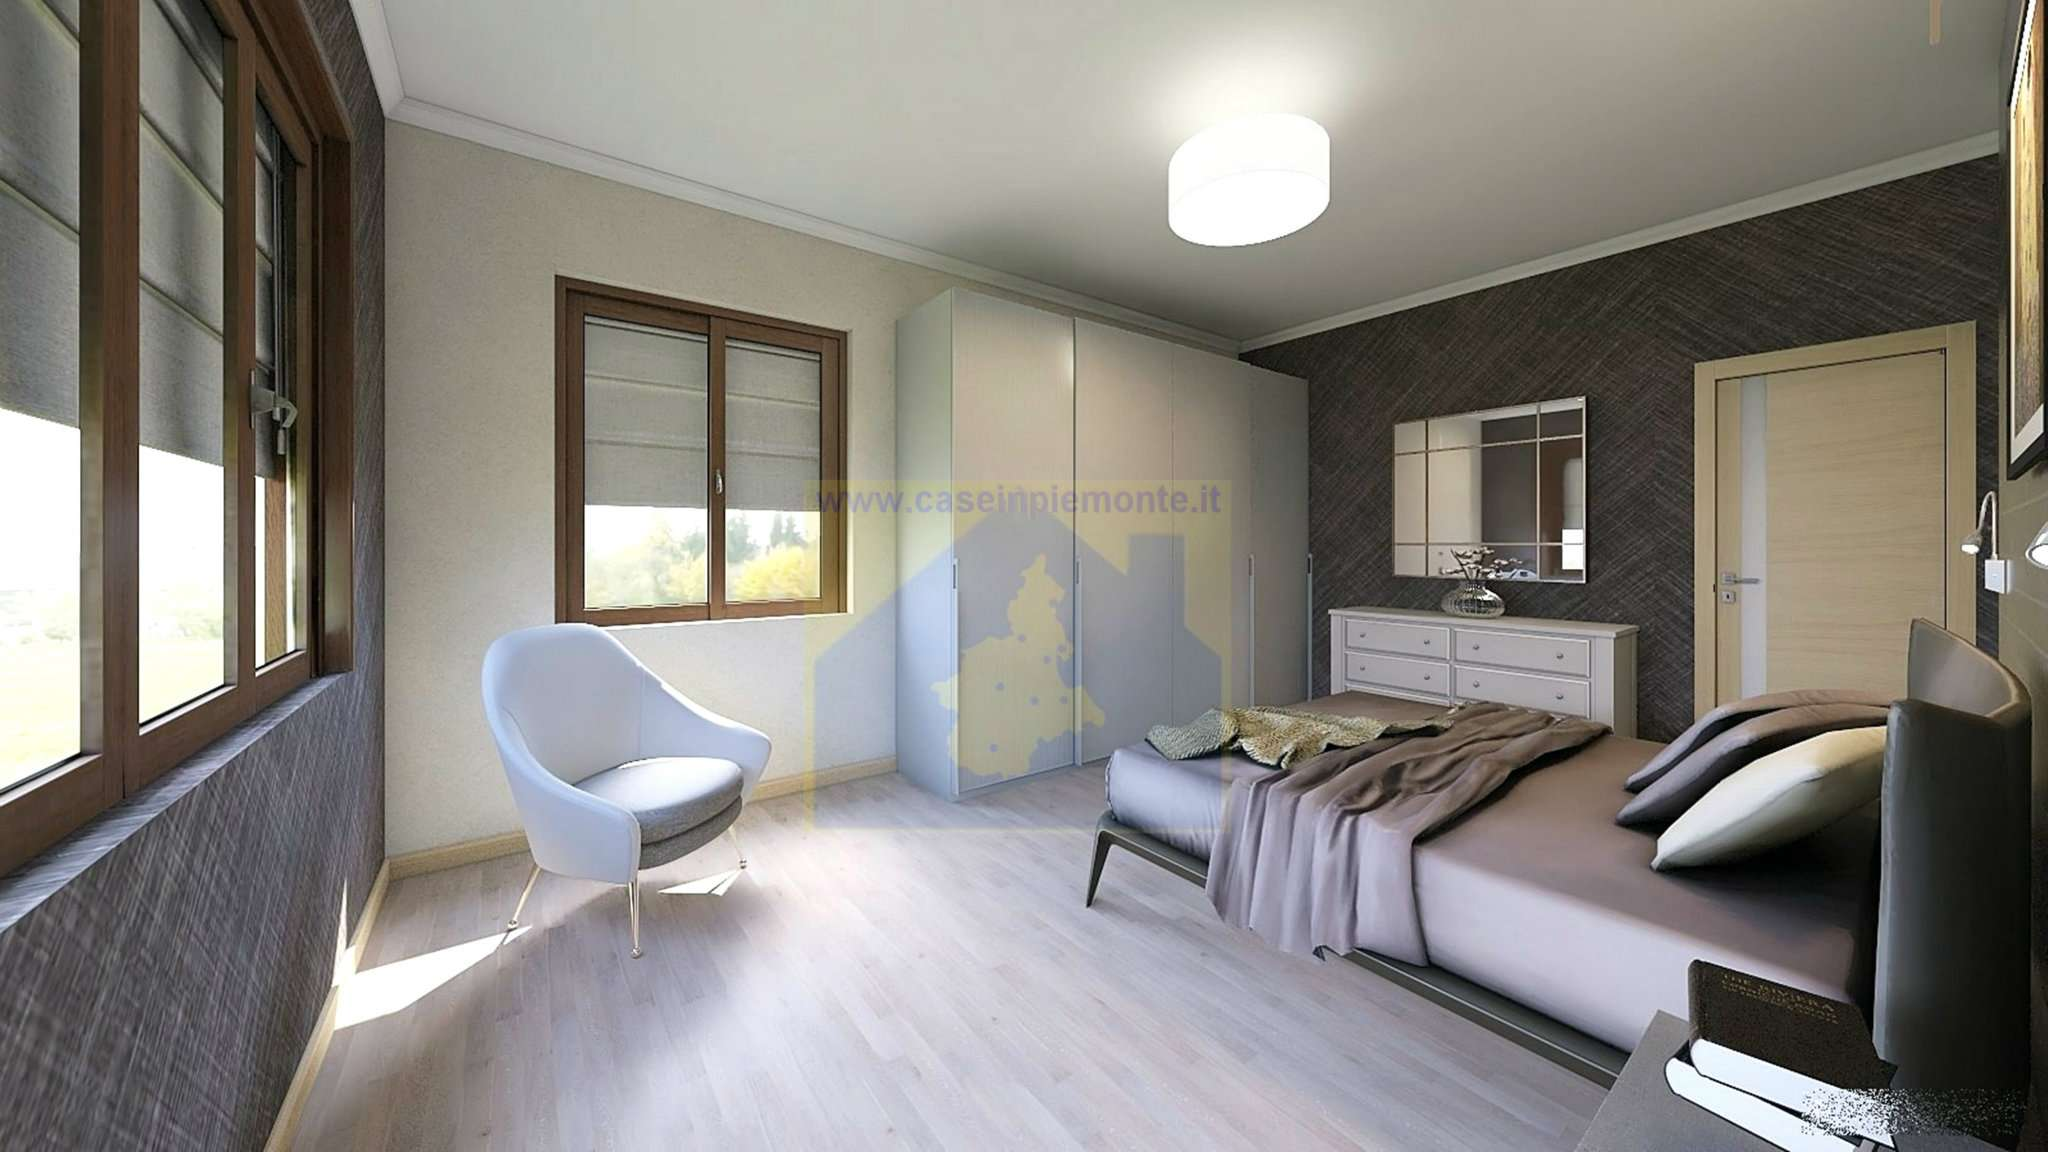 Appartamento in vendita a Val della Torre, 3 locali, prezzo € 72.000 | PortaleAgenzieImmobiliari.it